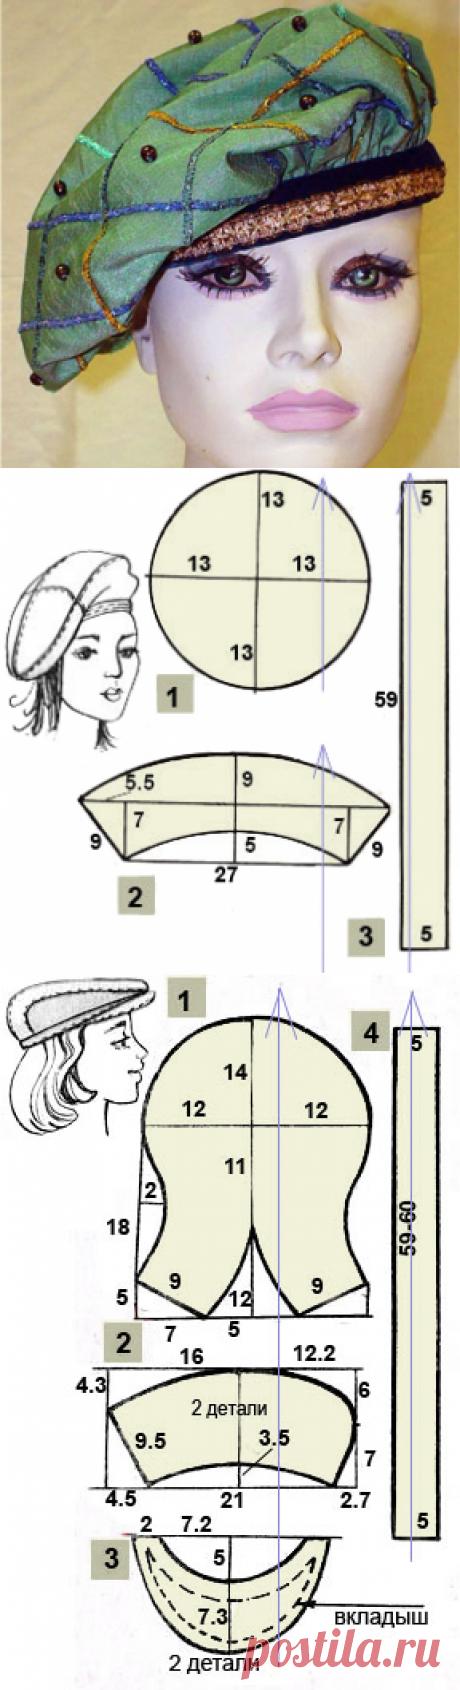 Как сшить берет своими руками | Выкройка берета